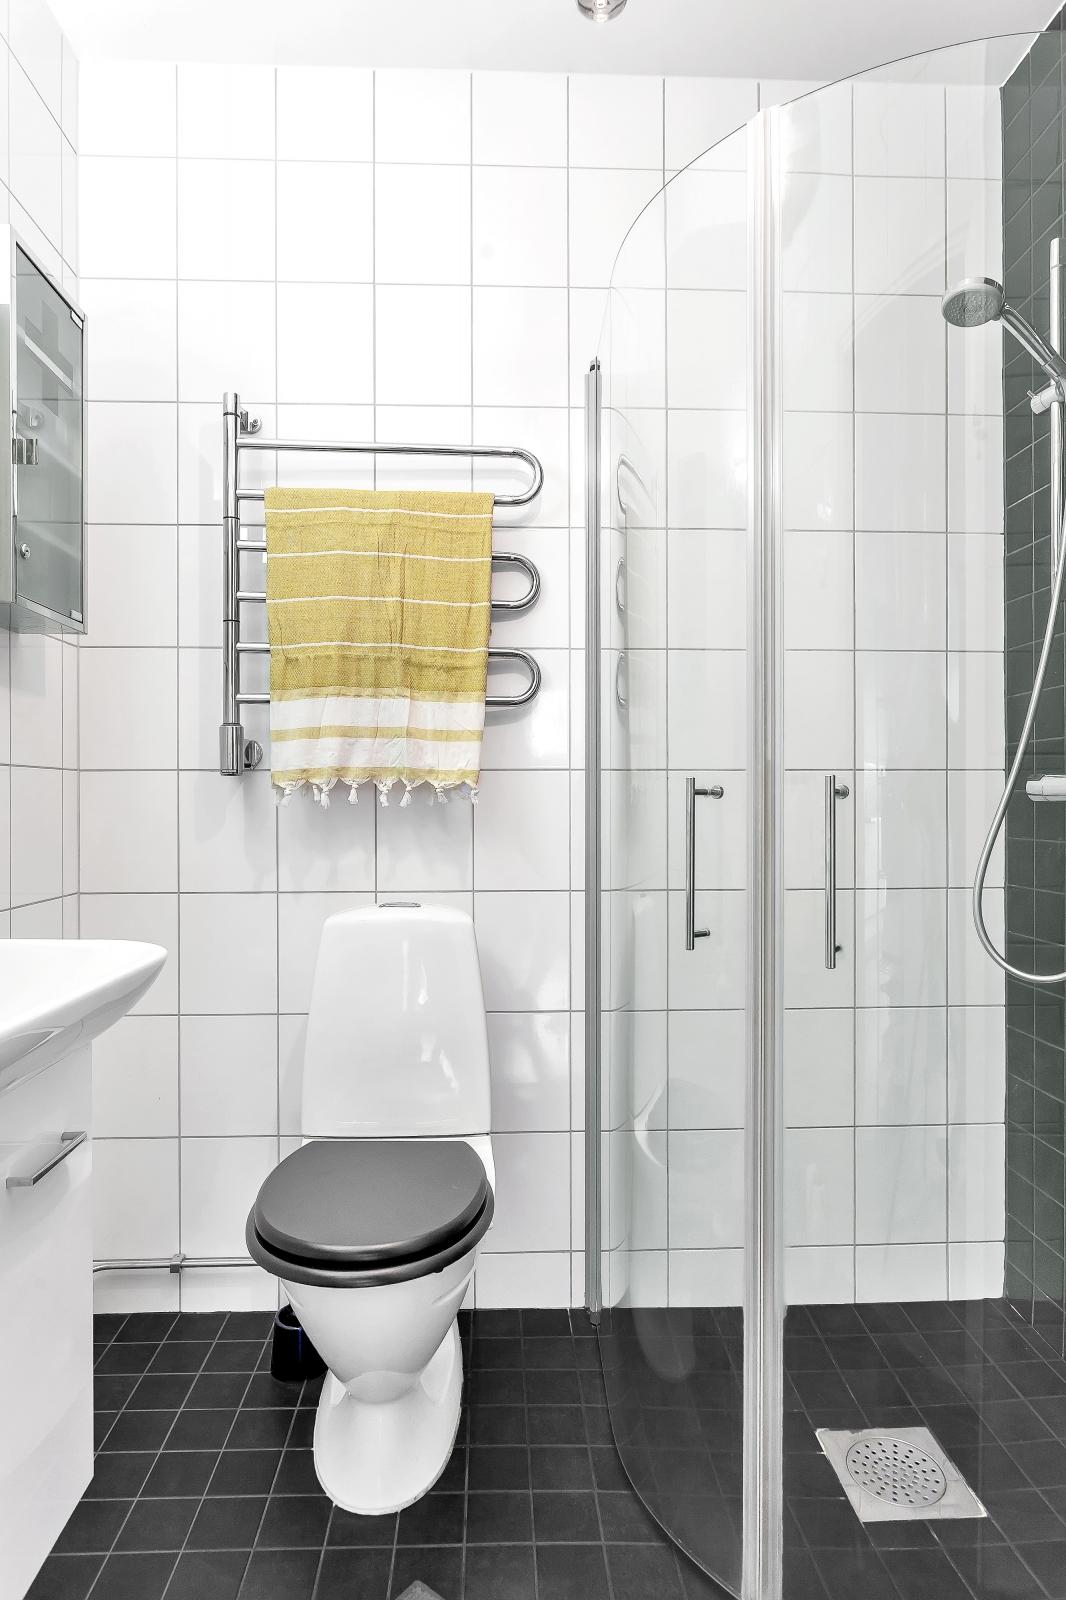 Badrum med dusch och handdukstork